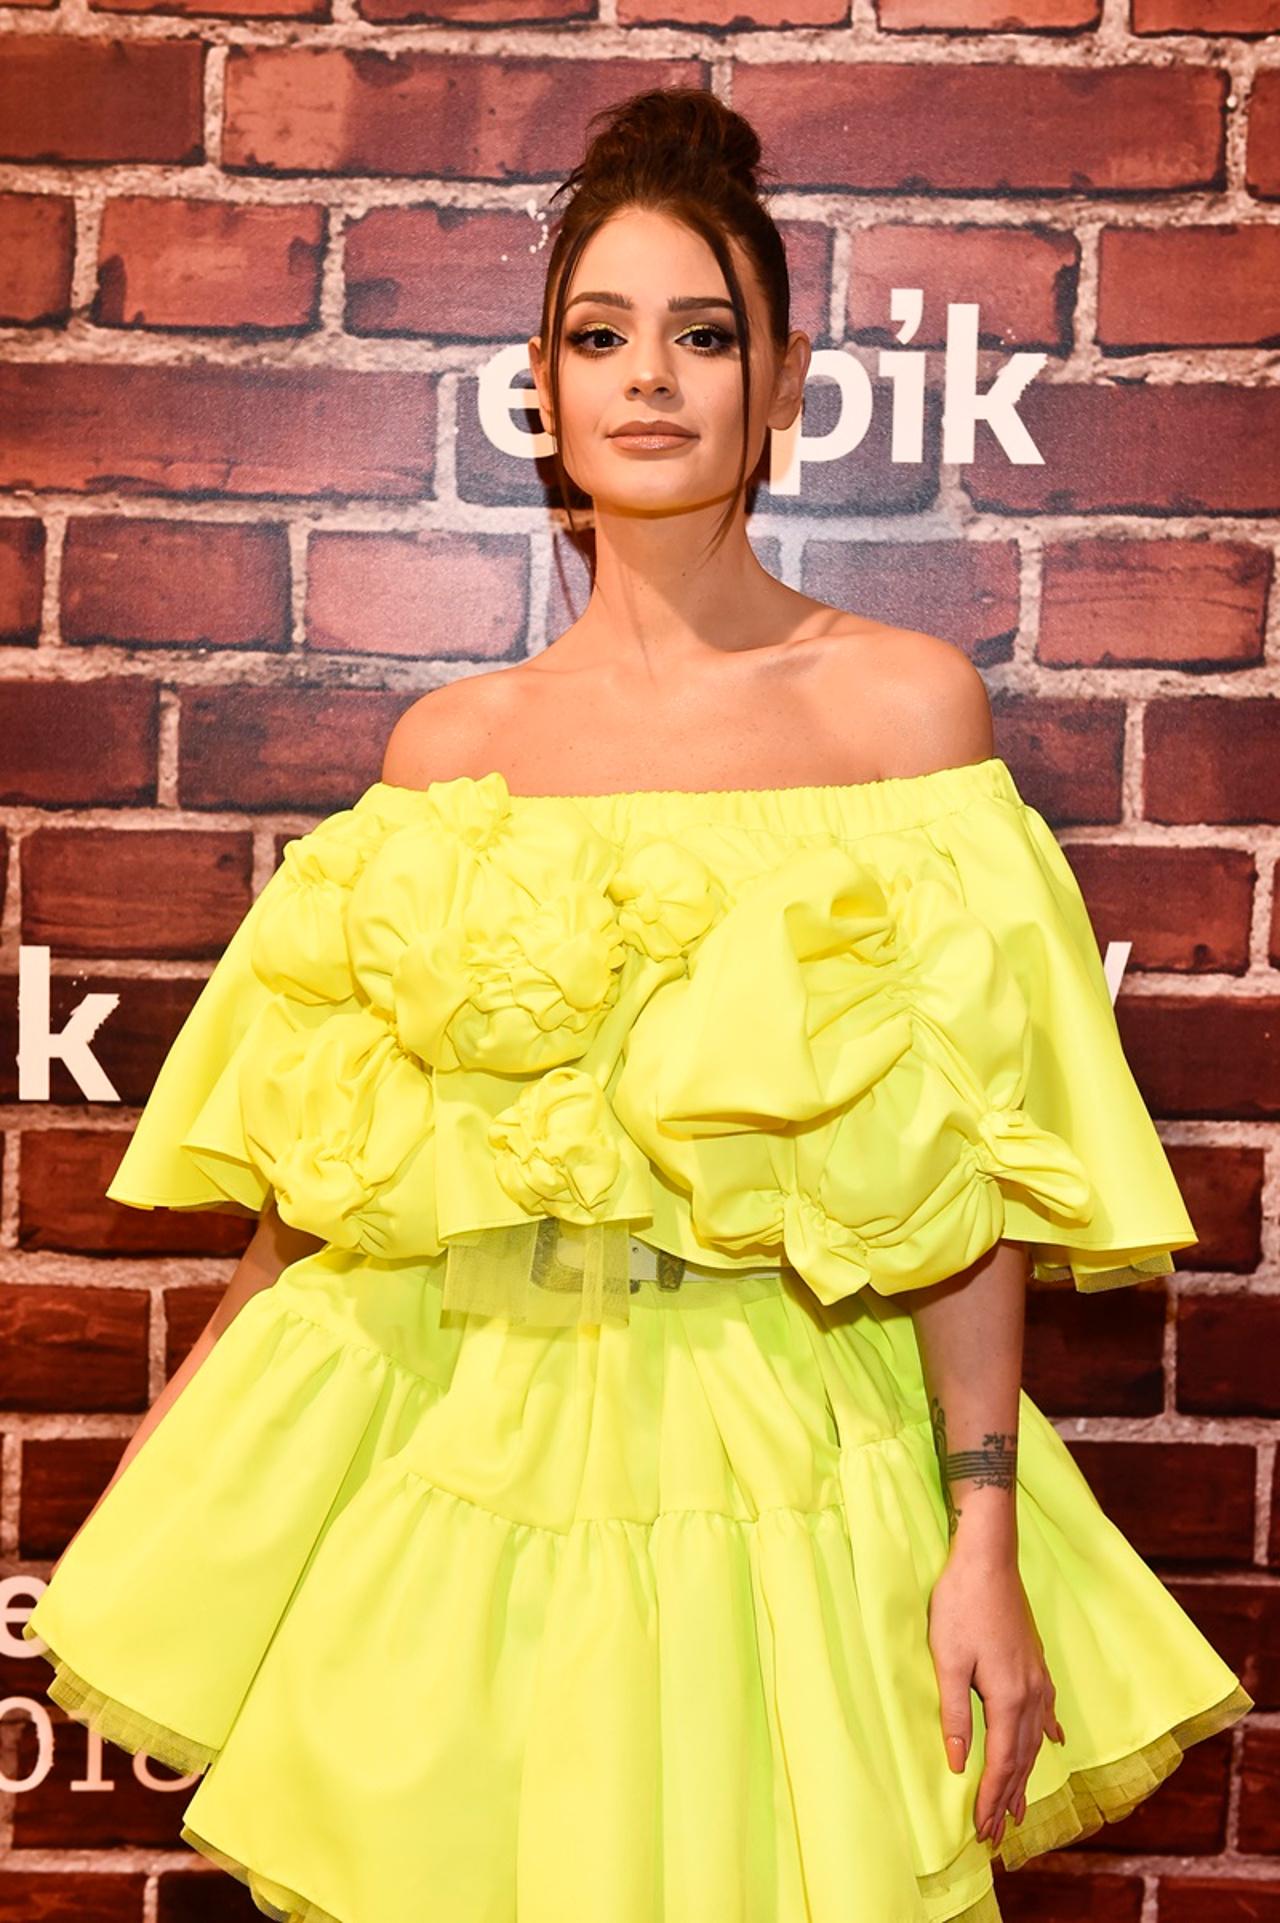 Honorata Skarbek w żółtej sukience na ściance.